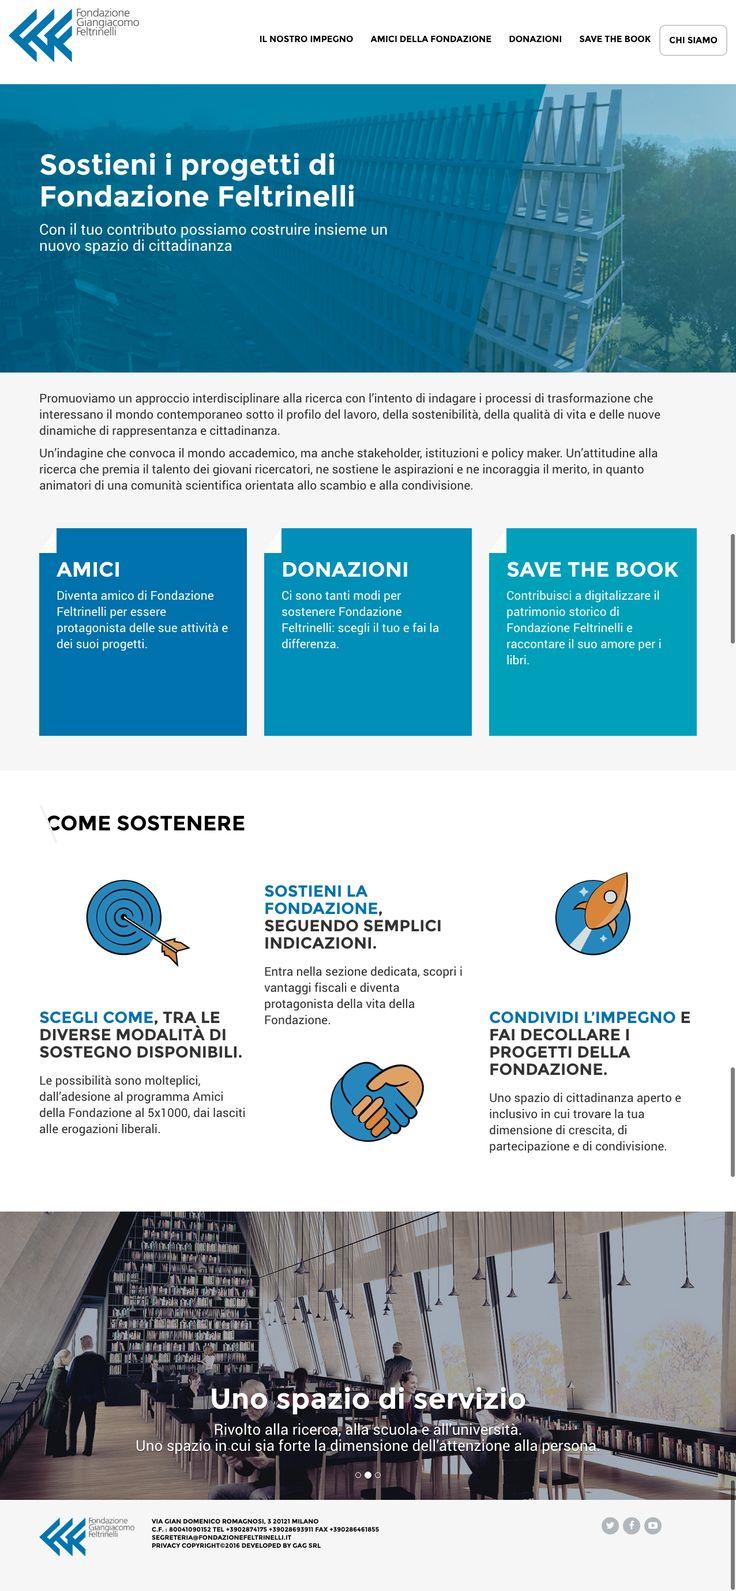 """Scopri come sostenere Fondazione Giangiacomo Feltrinelli, diventa """"Amico della Fondazione"""" e contribuisci a far crescere le sue attività culturali."""